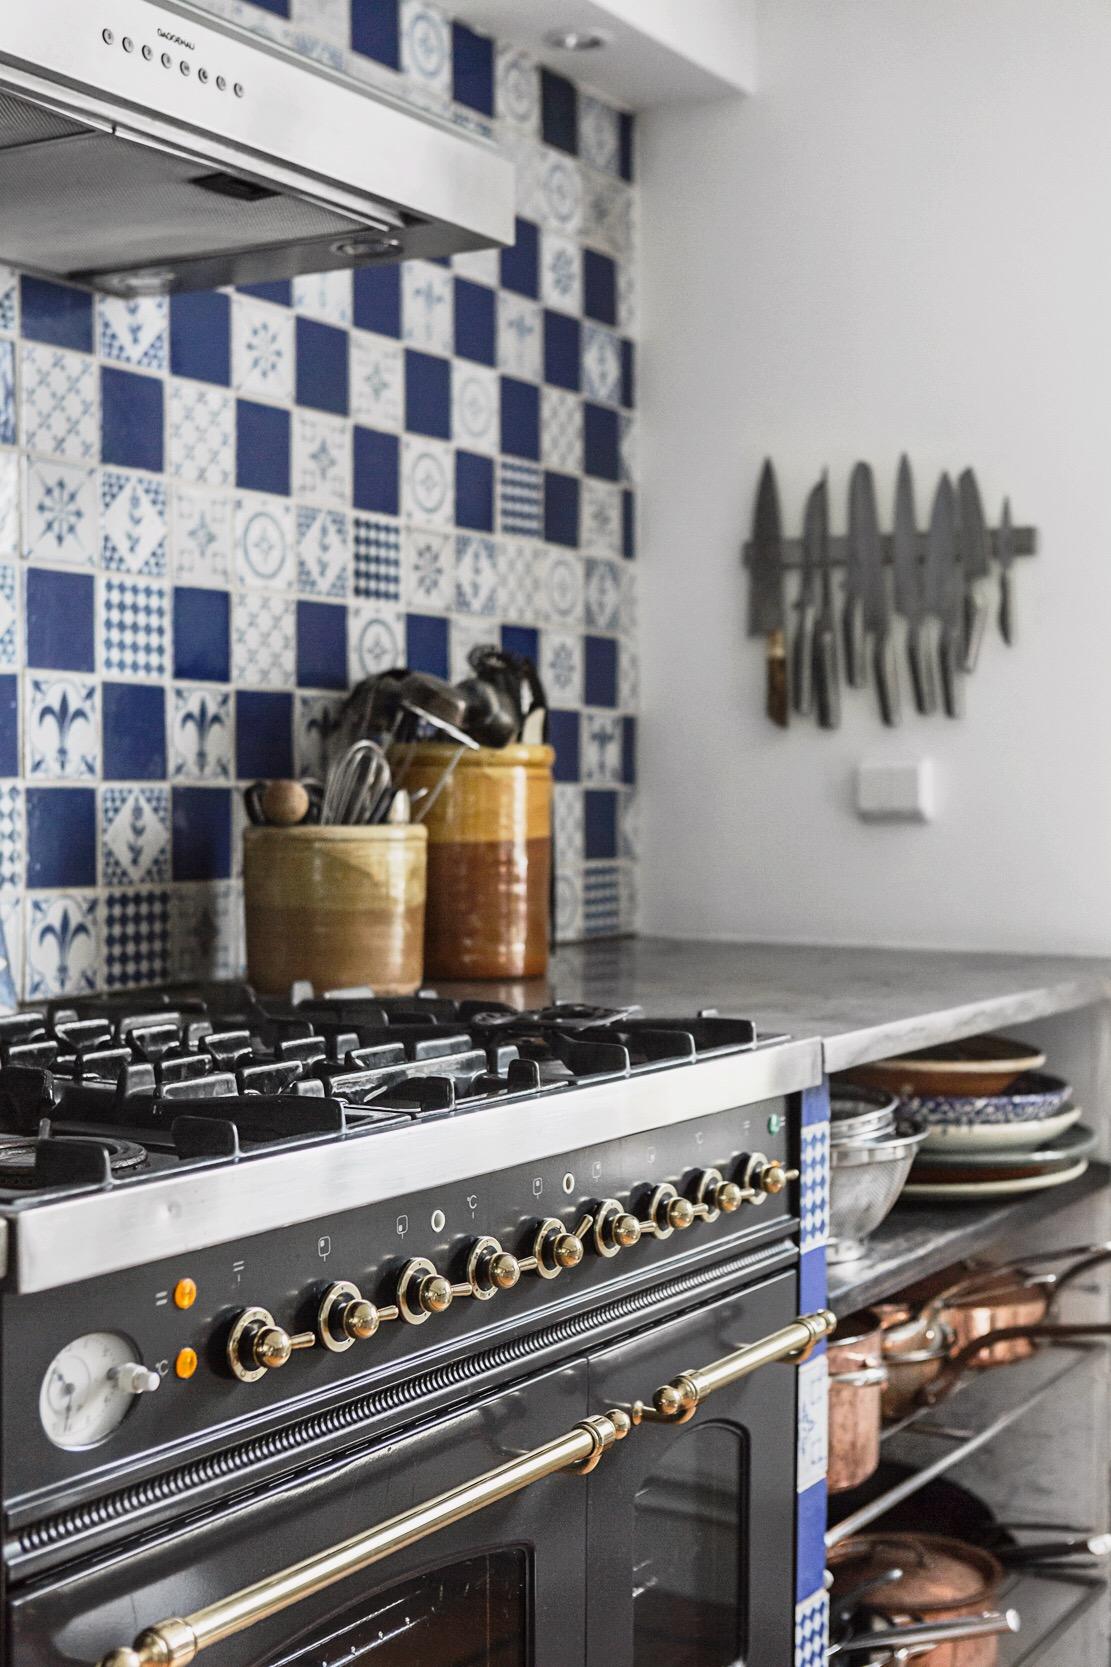 кухонная мебель полки посуда газовая плита вытяжка плитка с узорами